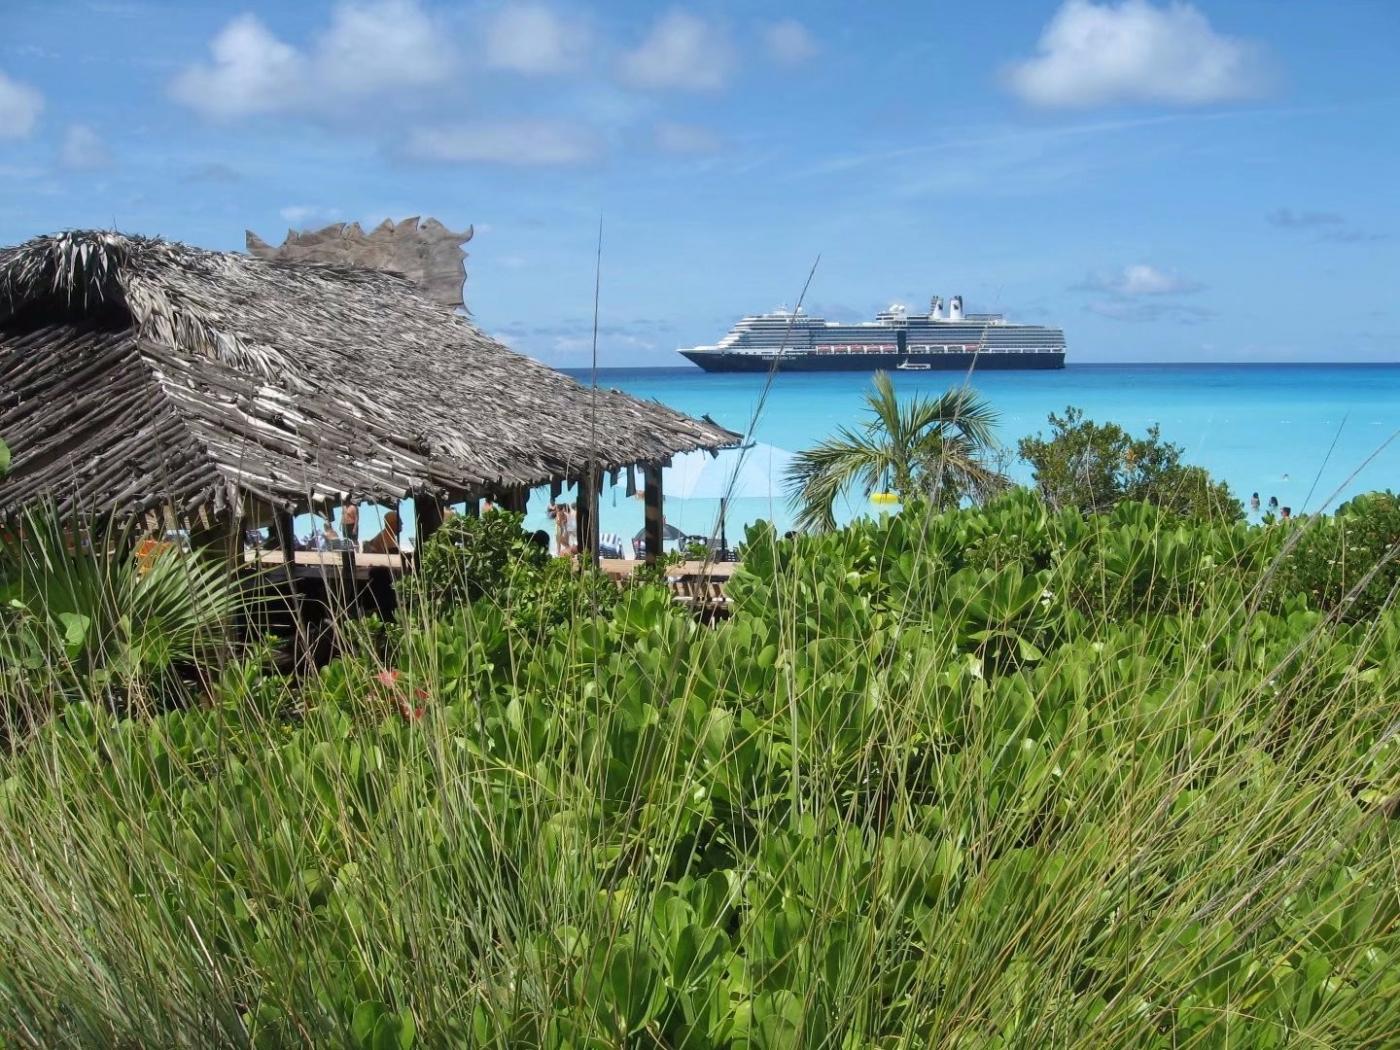 加勒比海上的半月礁(图)_图1-12